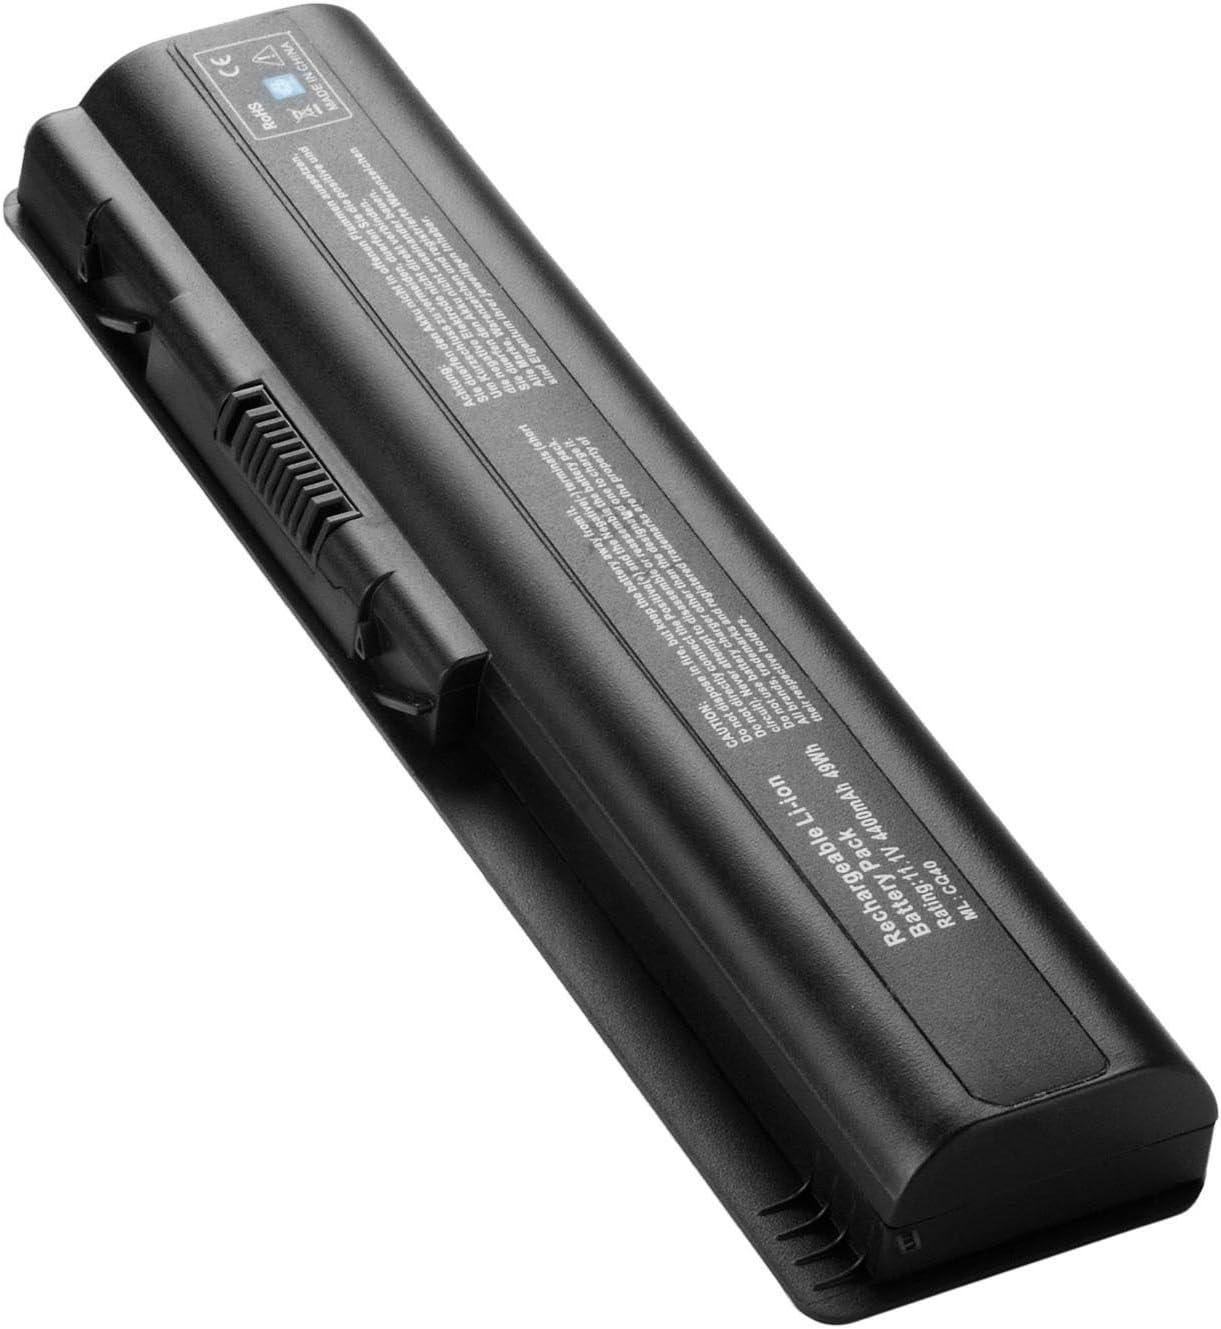 ARyee 5200mAh 11.1V A32-X401 Bater/ía del Ordenador port/átil de la bater/ía de para ASUS A31-X401 A32-X401 A41-X401 A42-X401